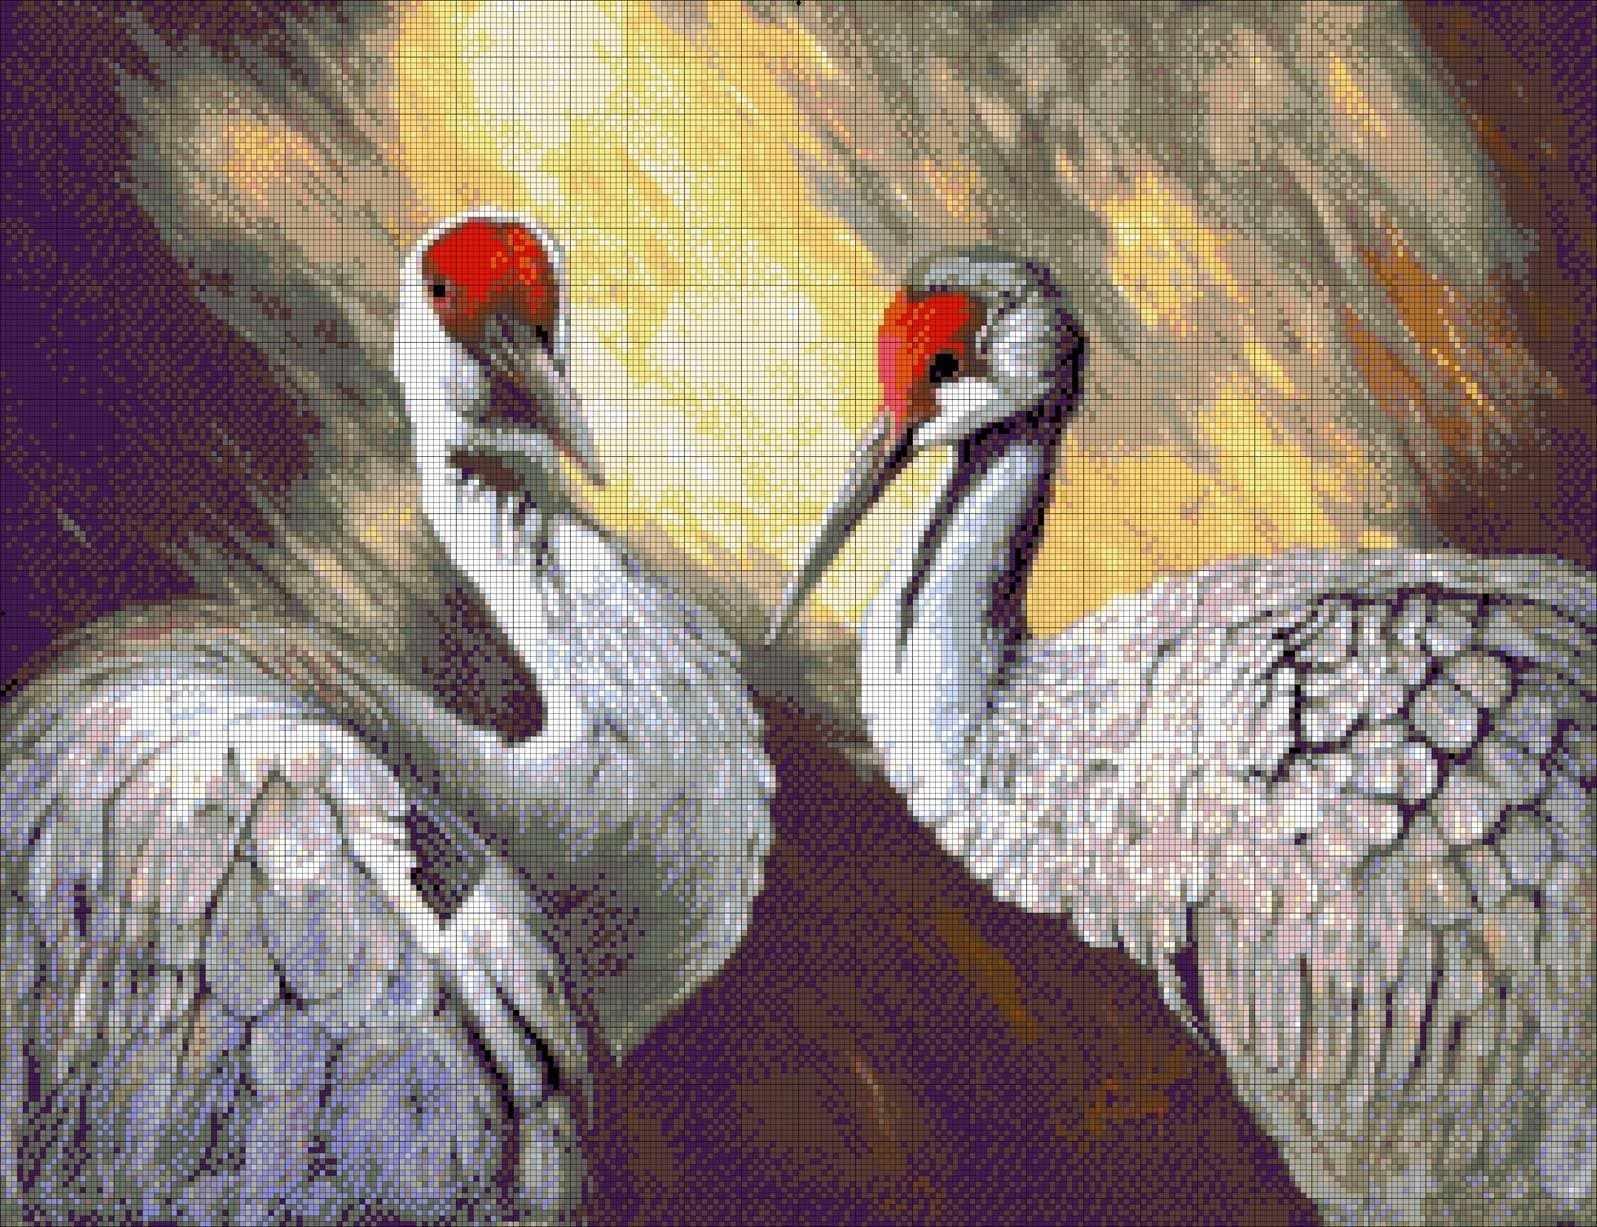 """36-2040-НП """"Пара птиц"""" - набор для вышивания (А. Токарева)"""